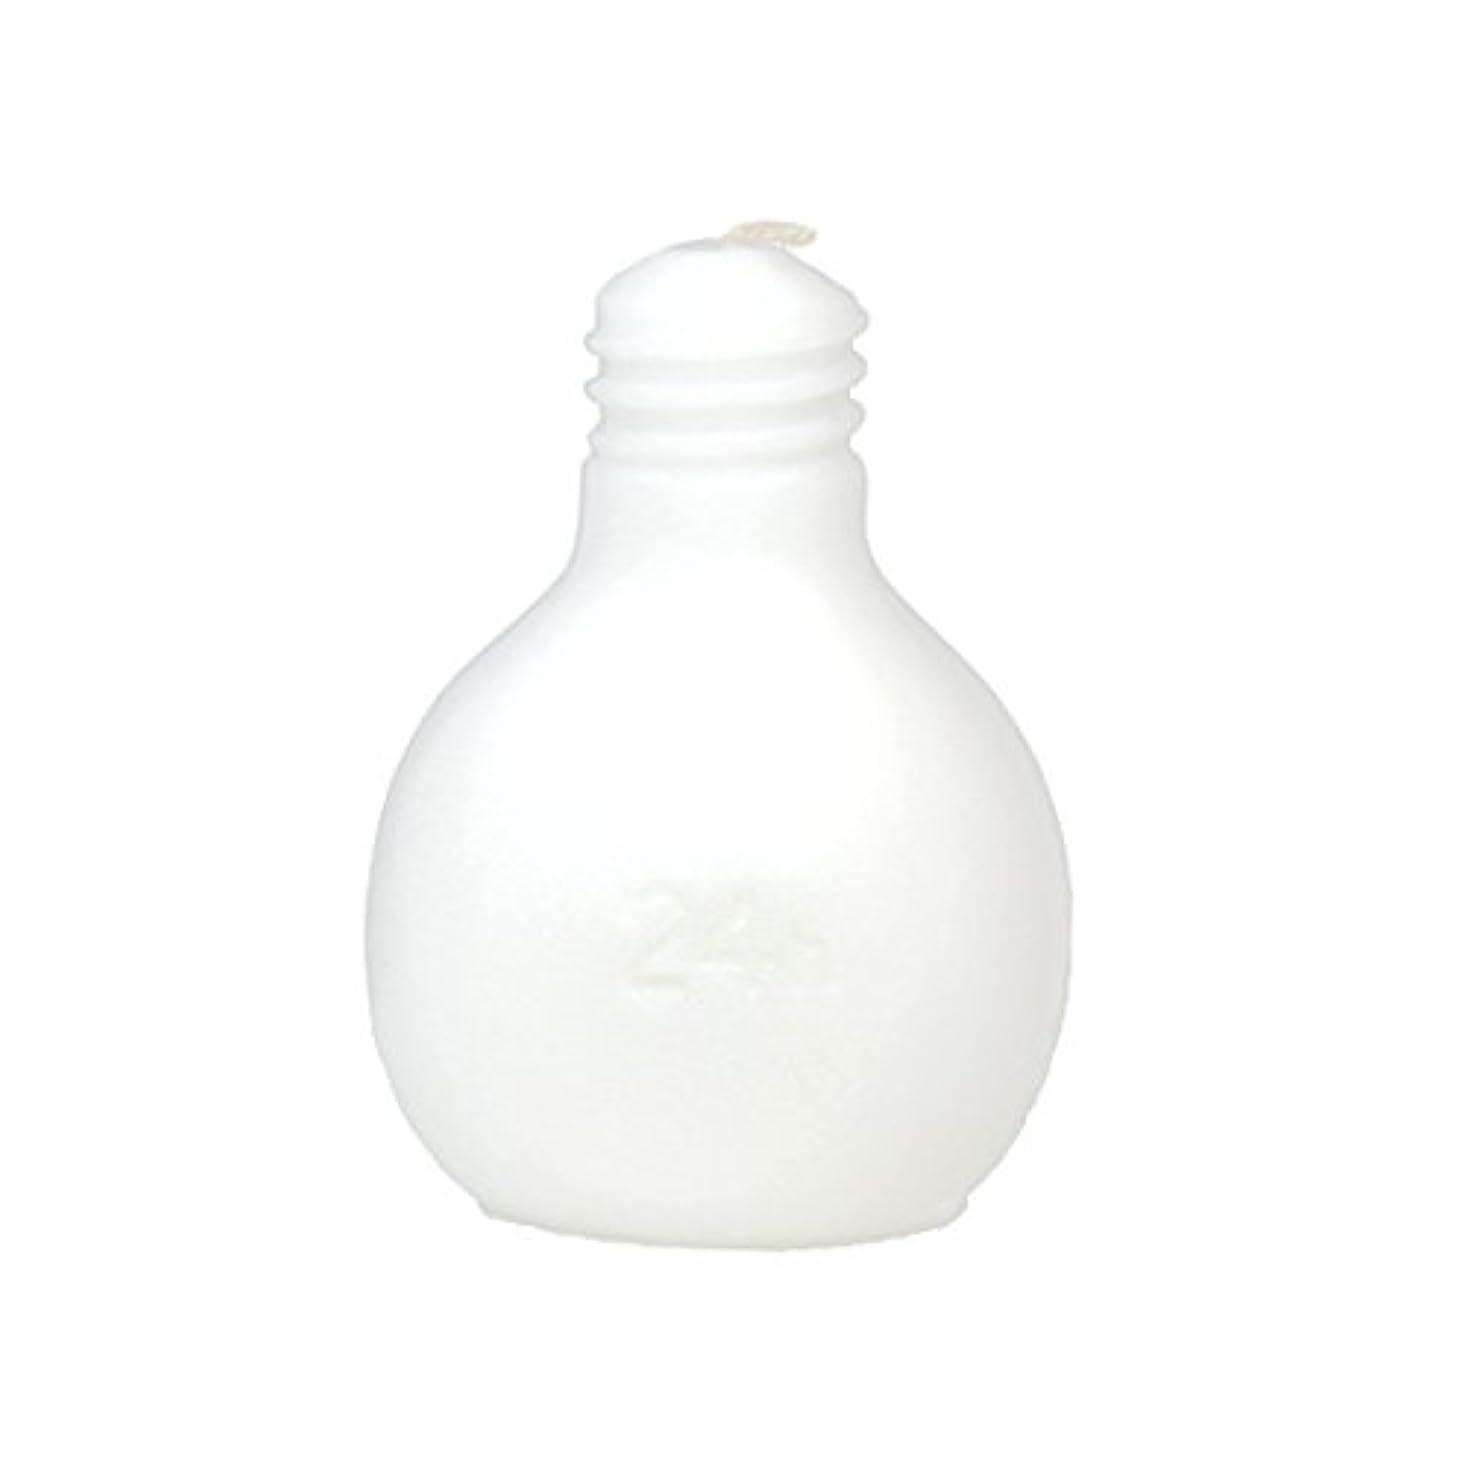 カメヤマキャンドルハウス 節電球キャンドル  ホワイト